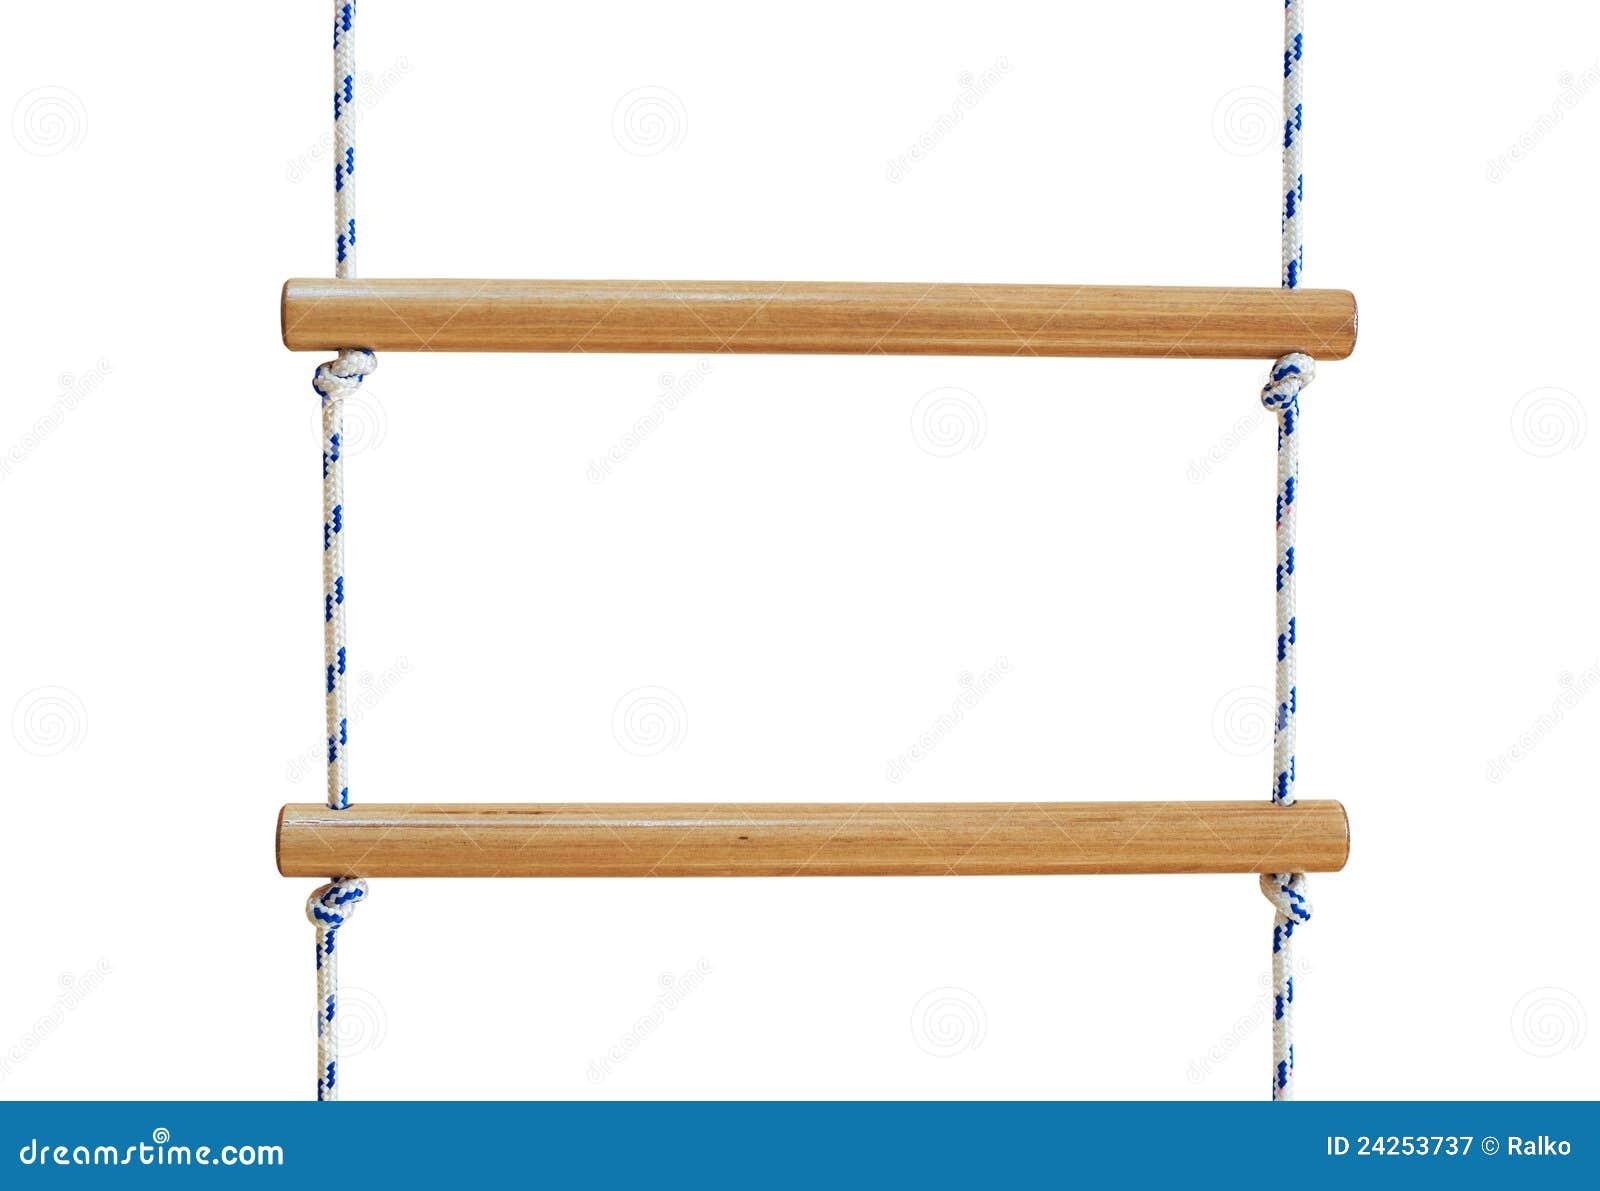 Escada De Corda De Madeira Fotografia de Stock Royalty Free Imagem  #82A229 1300x984